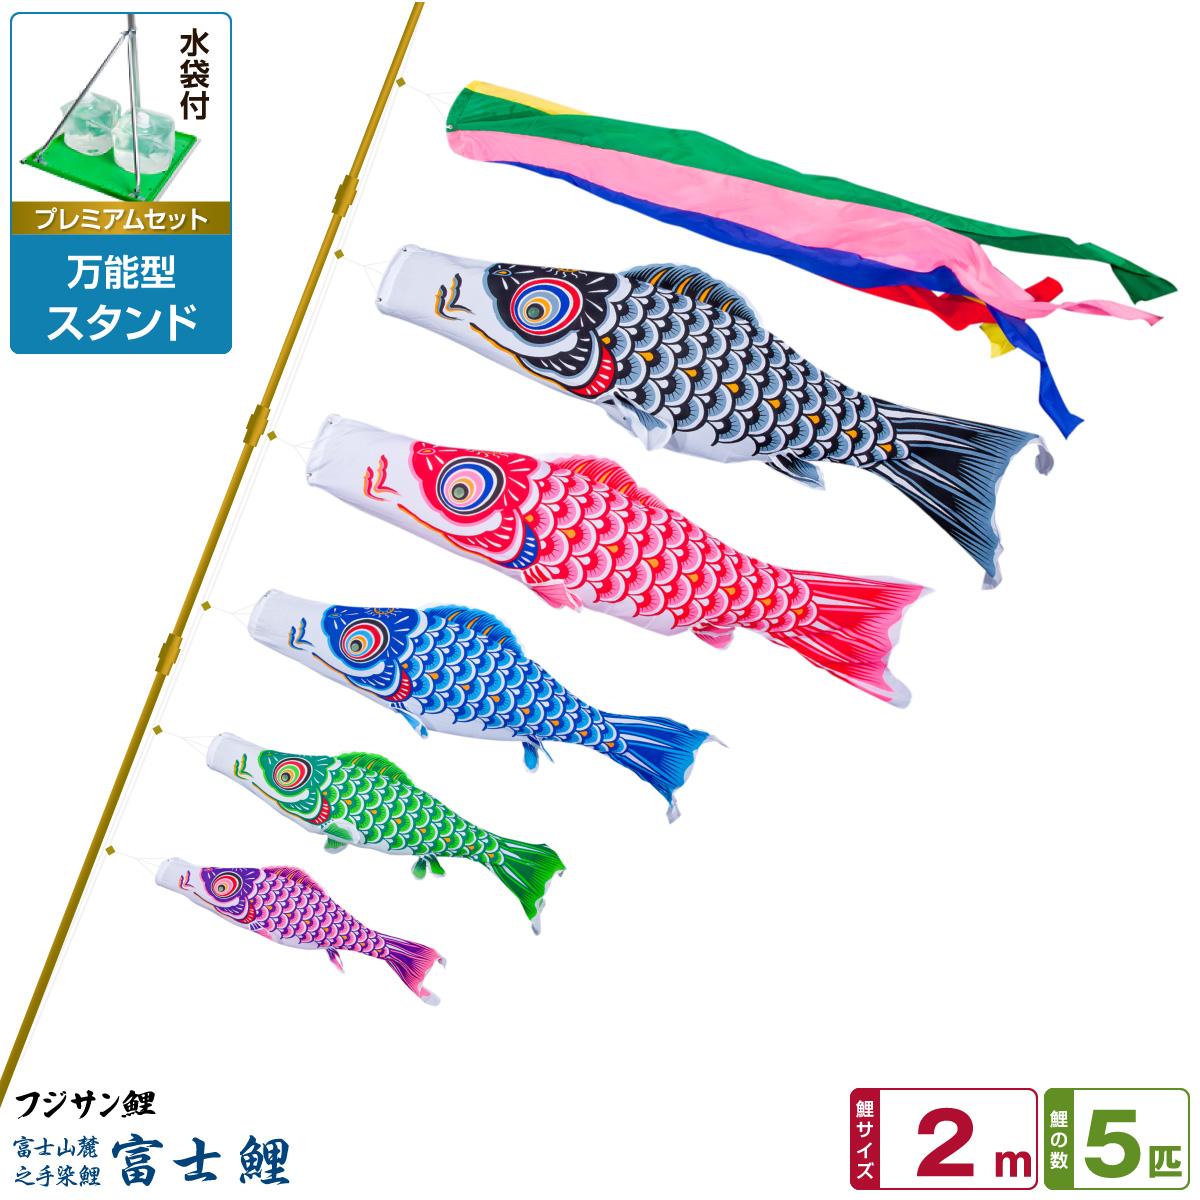 ベランダ用 こいのぼり 鯉のぼり フジサン鯉 富士鯉 2m 8点(吹流し+鯉5匹+矢車+ロープ)/プレミアムセット(万能スタンド)